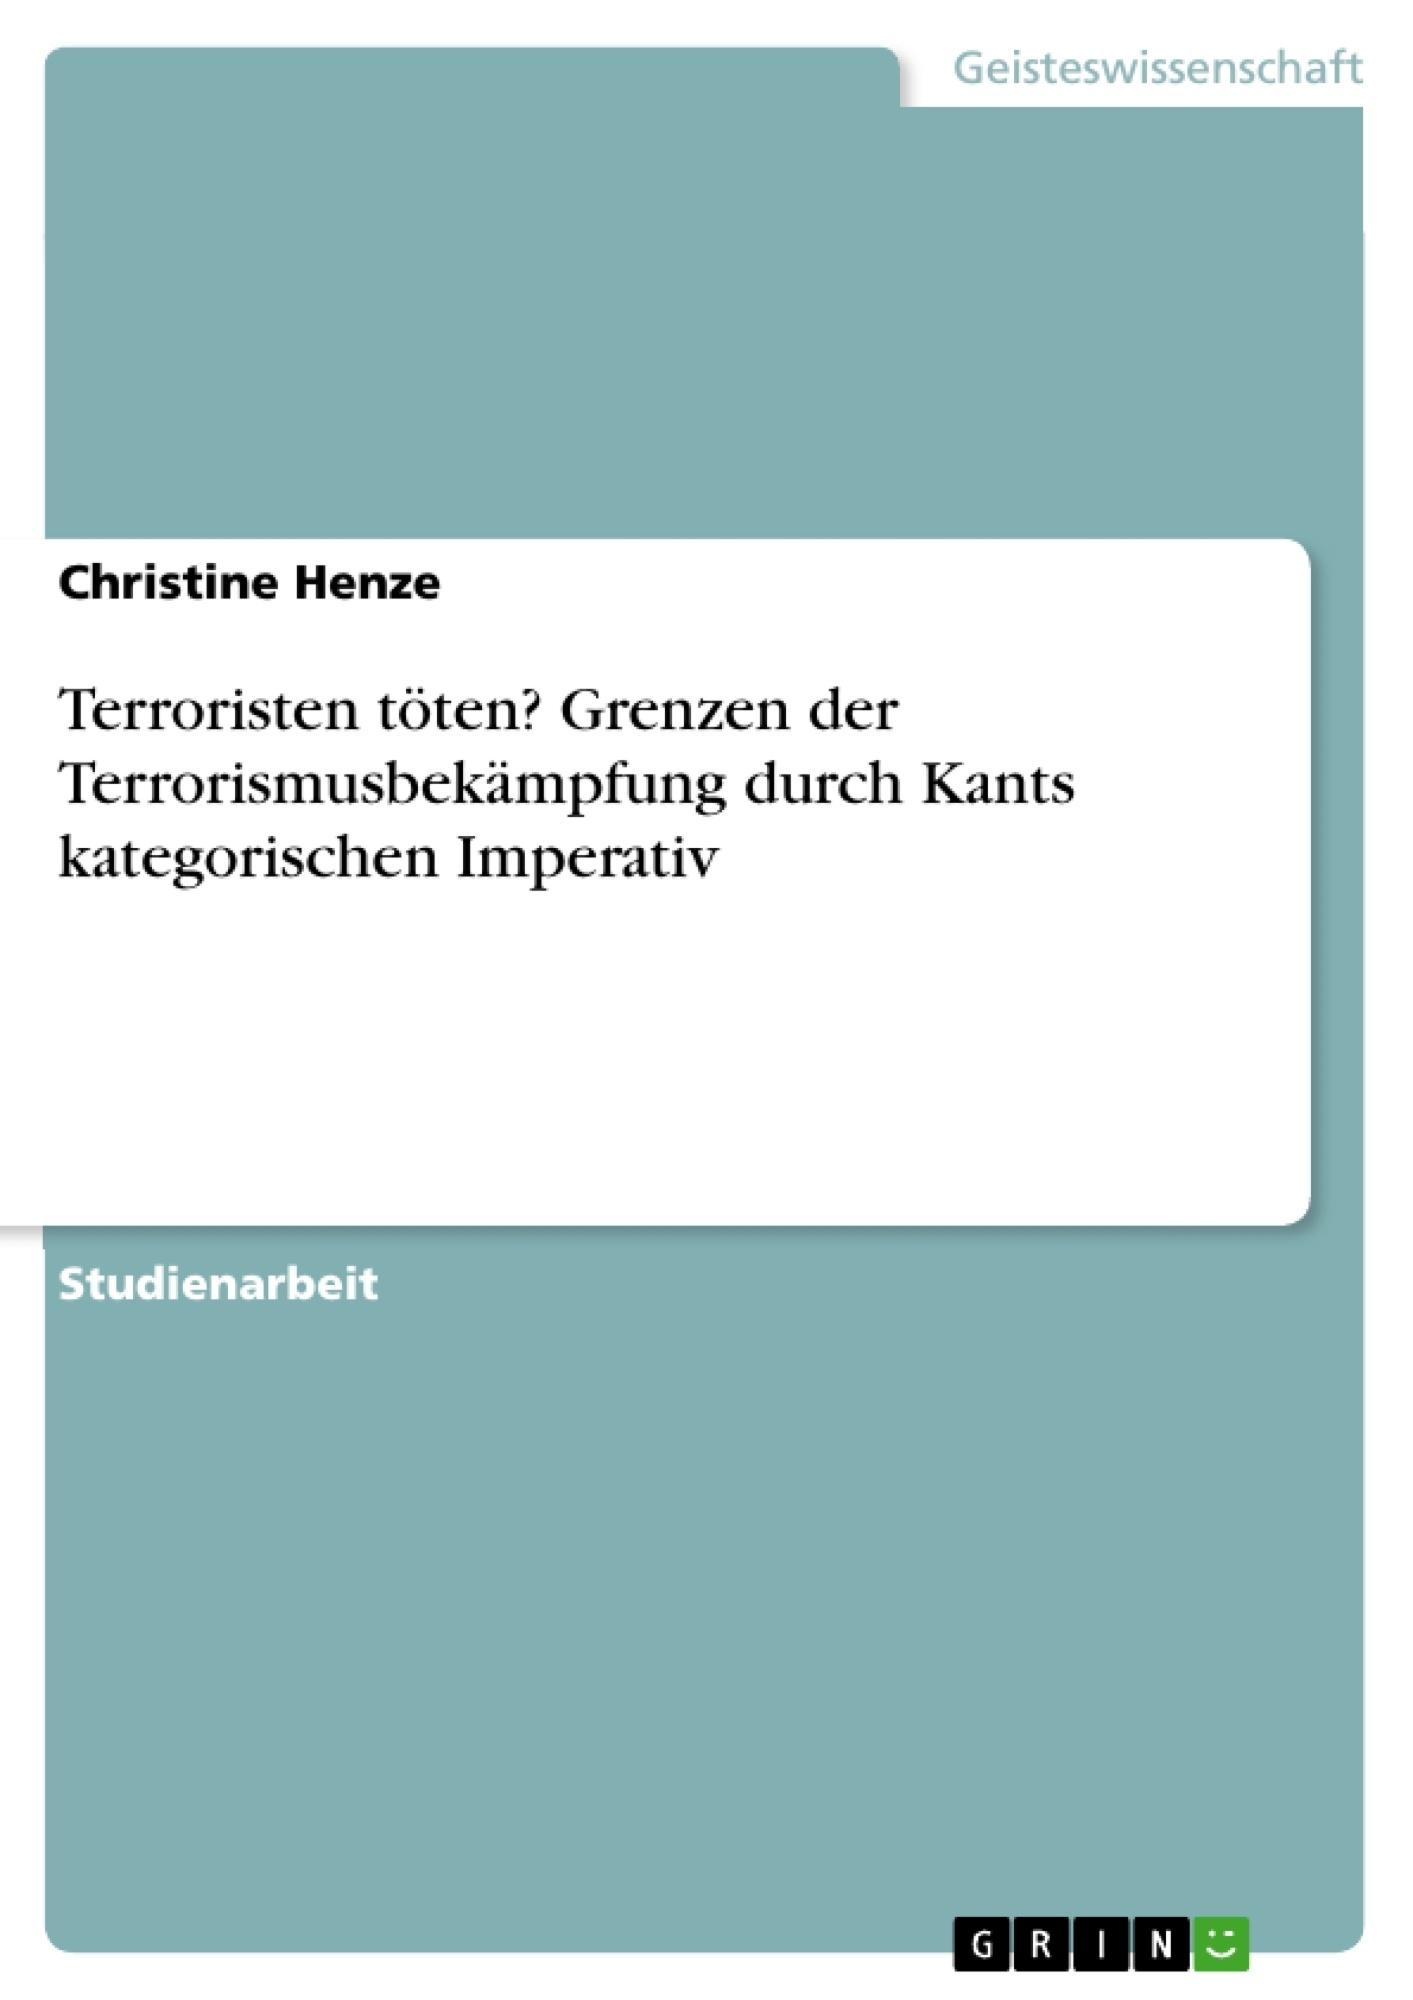 Titel: Terroristen töten? Grenzen der Terrorismusbekämpfung durch Kants kategorischen Imperativ